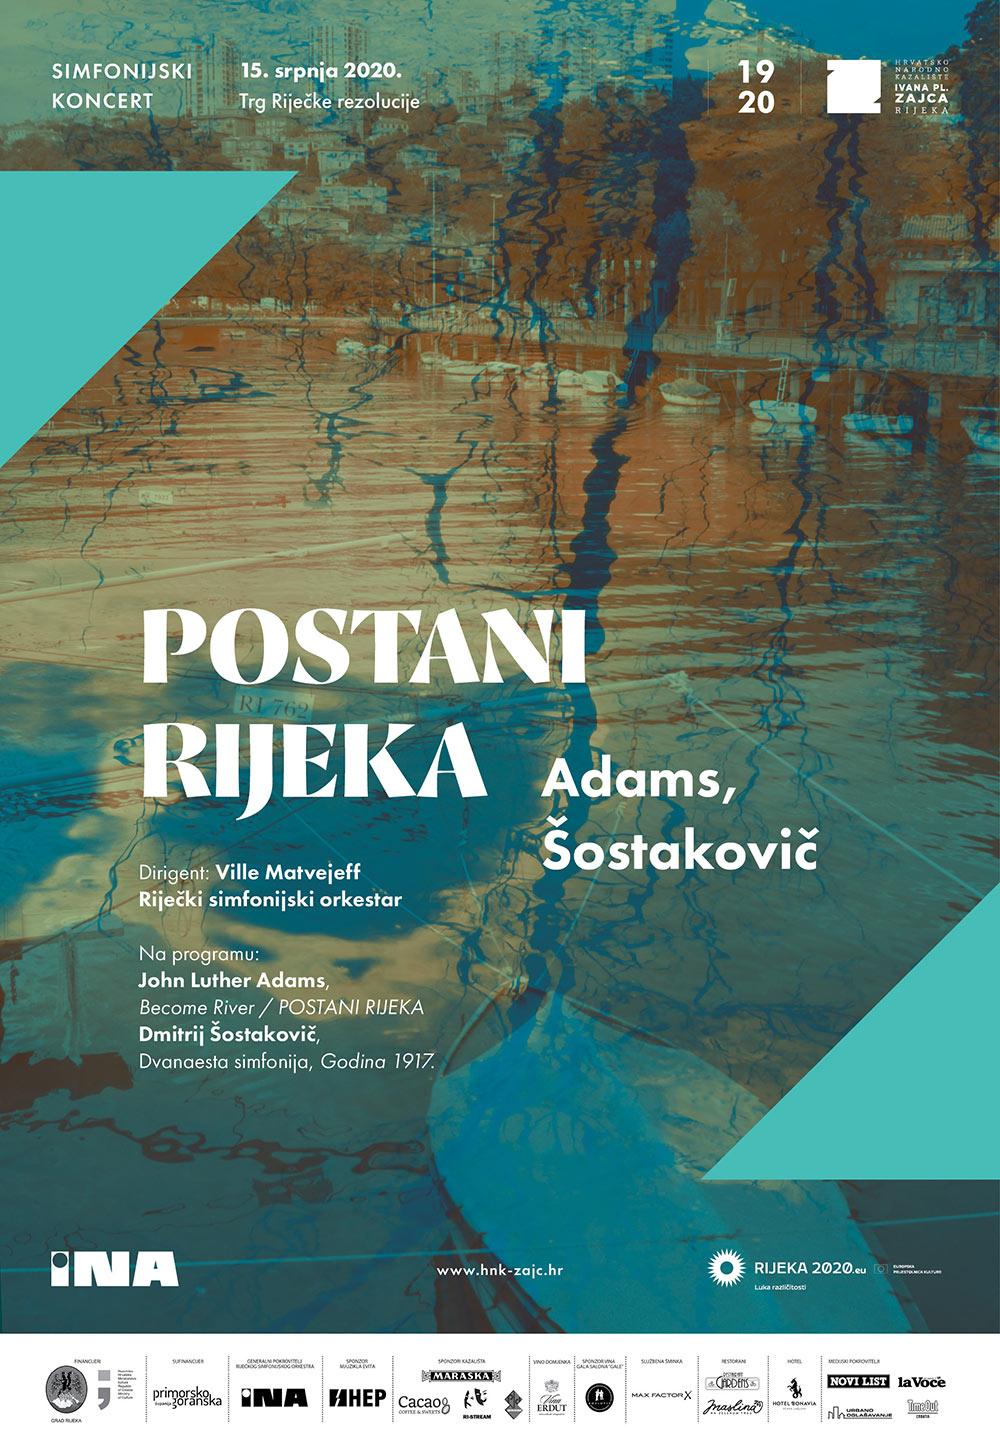 Koncert Riječkog simfonijskog orkestra 'Postani Rijeka' na Trgu Riječke rezolucije